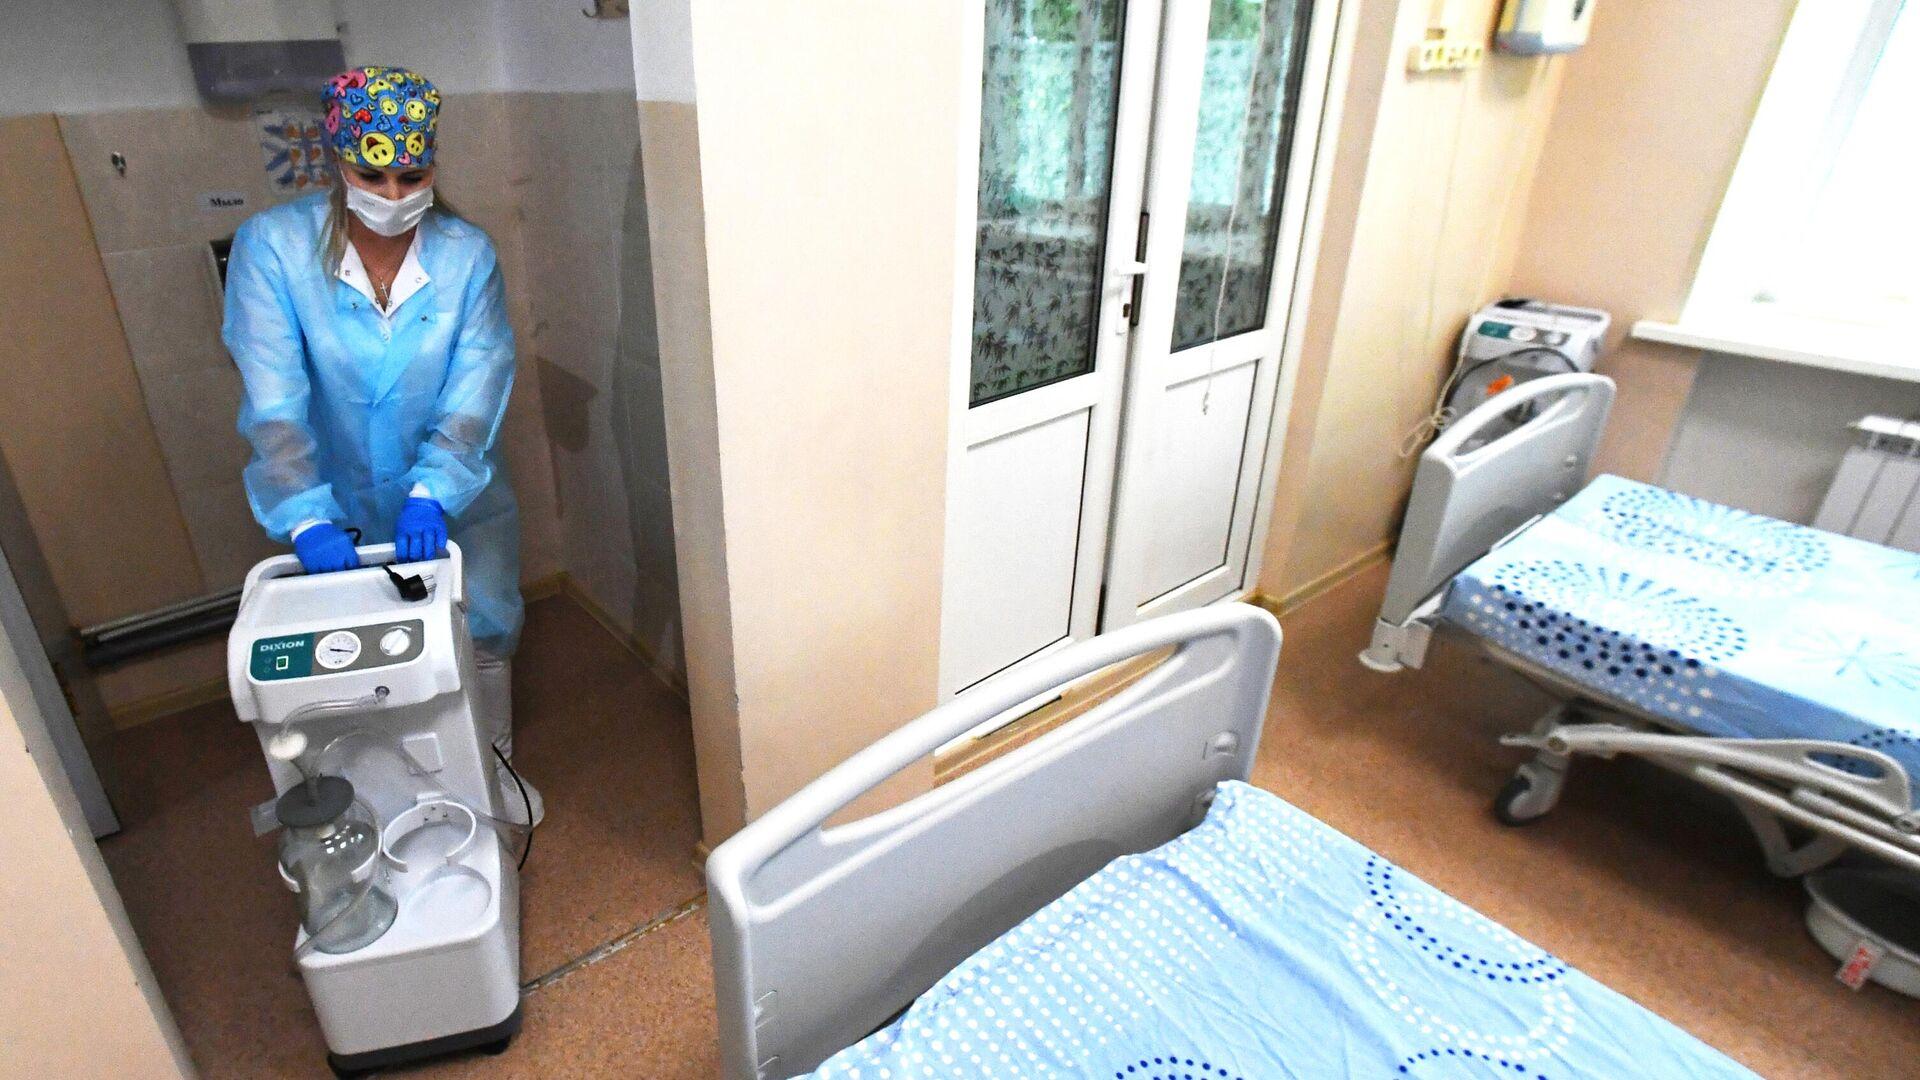 Медицинский работник во время подготовки к открытию госпиталя для пациентов с коронавирусной инфекцией в Уссурийске - РИА Новости, 1920, 20.06.2021